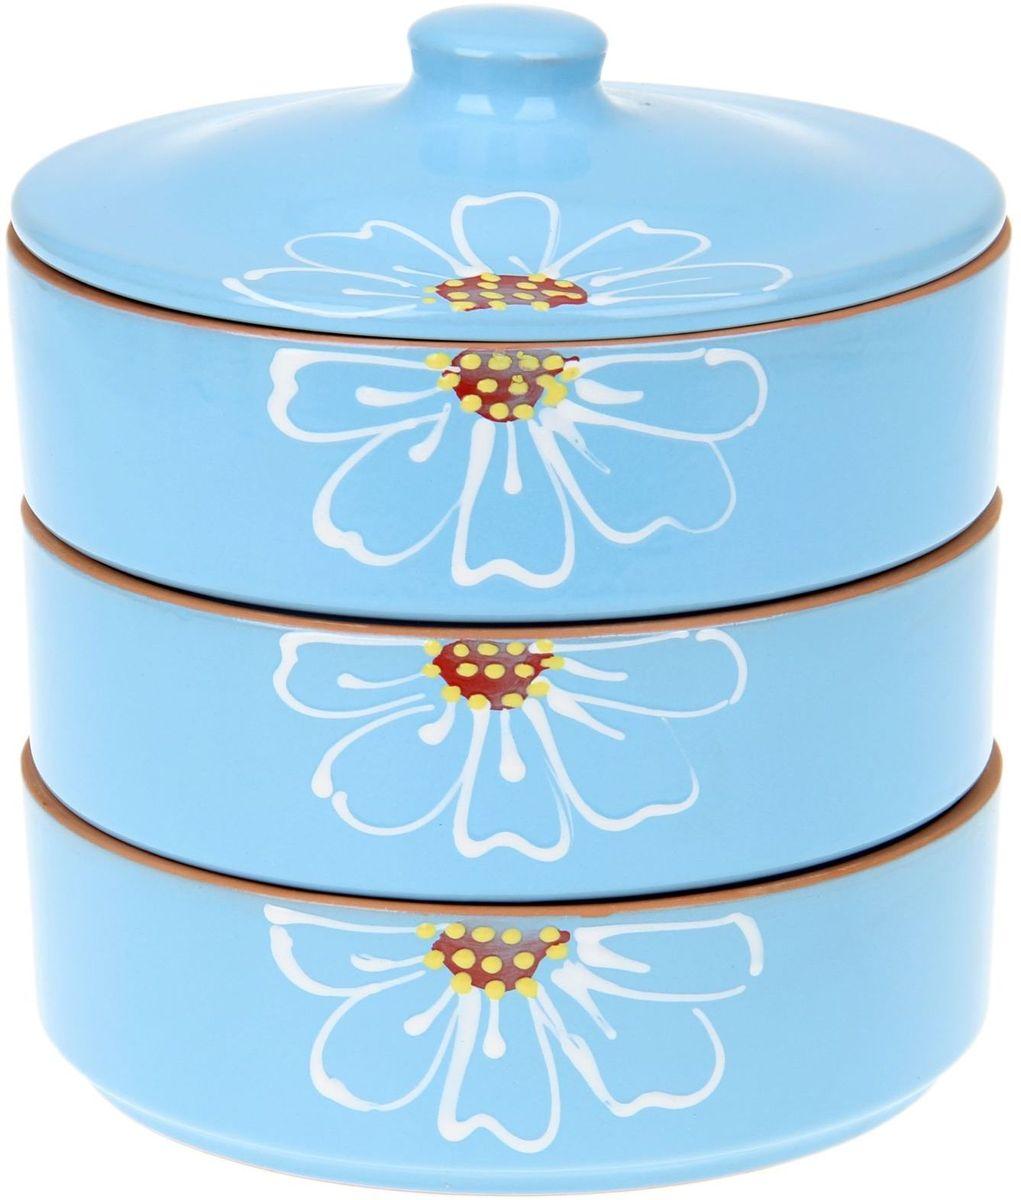 Набор блюд для холодца Псковский гончар Цветок, цвет: синий, 4 предмета1228241Набор для холодца Цветок синий 3 шт ( размер 1 шт H - 57мм, D - 172мм) будет вашим универсальным помощником! Он удобен не только для хранения холодца, но и для салатов, а также различных закусок. Набор предотвращает заветривание и сохраняет привлекательный внешний вид блюда. Вы сможете готовить непосредственно в нём: специальная керамика подходит для использования в микроволновой печи, в духовом шкафу, русской печи или на гриле.Утолщённые стенки дольше сохраняют тепло, поэтому можно не волноваться, что блюдо быстро остынет. Благодаря специальной конструкции предметы из набора можно устойчиво размещать друг на друге, что значительно сэкономит место в шкафу или холодильнике.Приятная расцветка и аккуратный рисунок будут радовать глаз при каждом использовании. Благодаря структуре глины любое блюдо, приготовленное при помощи посуды от «Псковского гончара», будет максимально вкусным и сохранит все свои полезные качества.